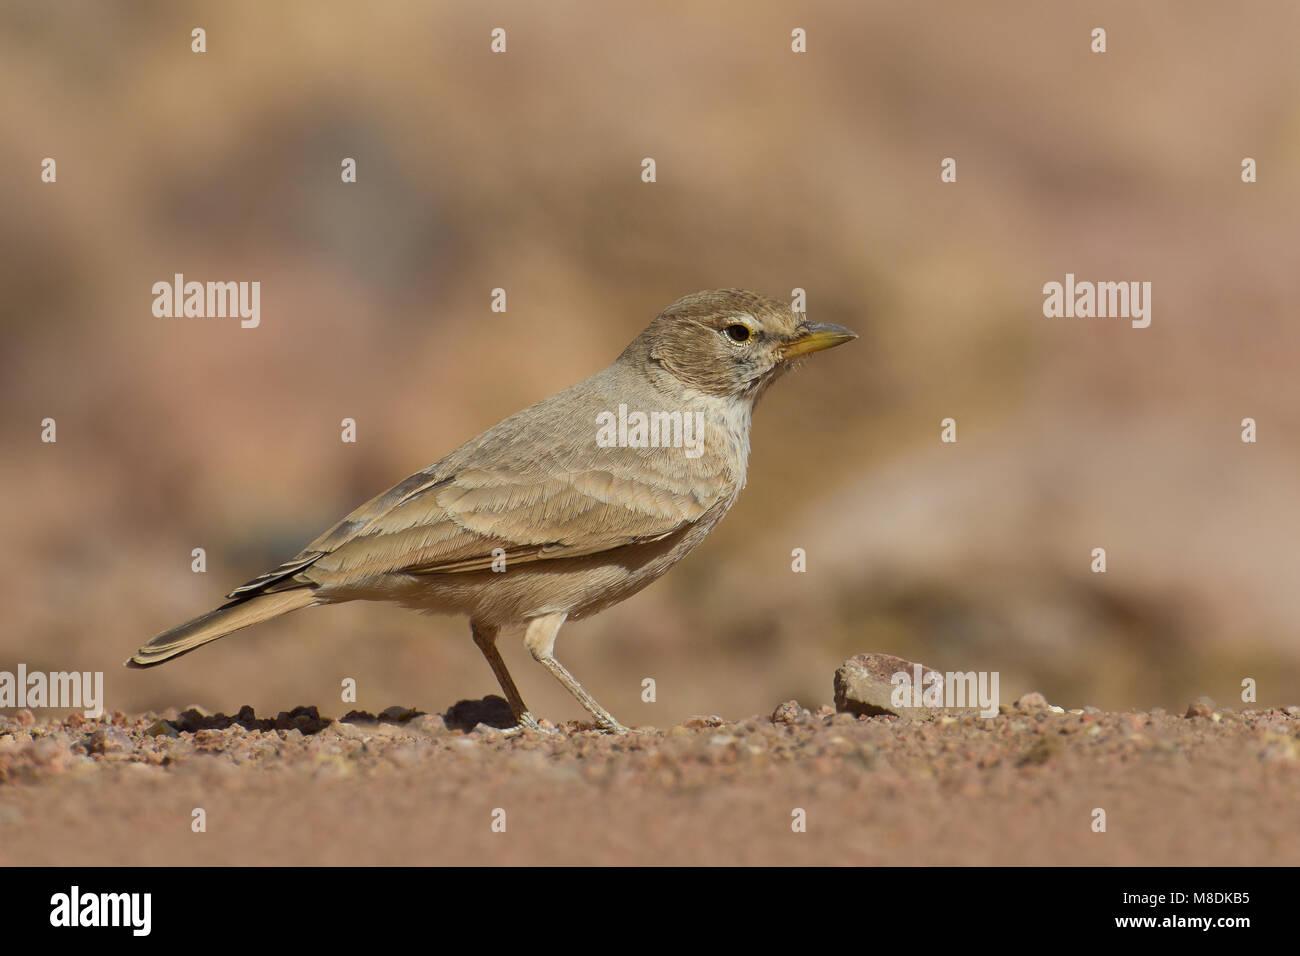 Woestijnleeuwerik in droog habitat; Desert lark in dry habitat - Stock Image